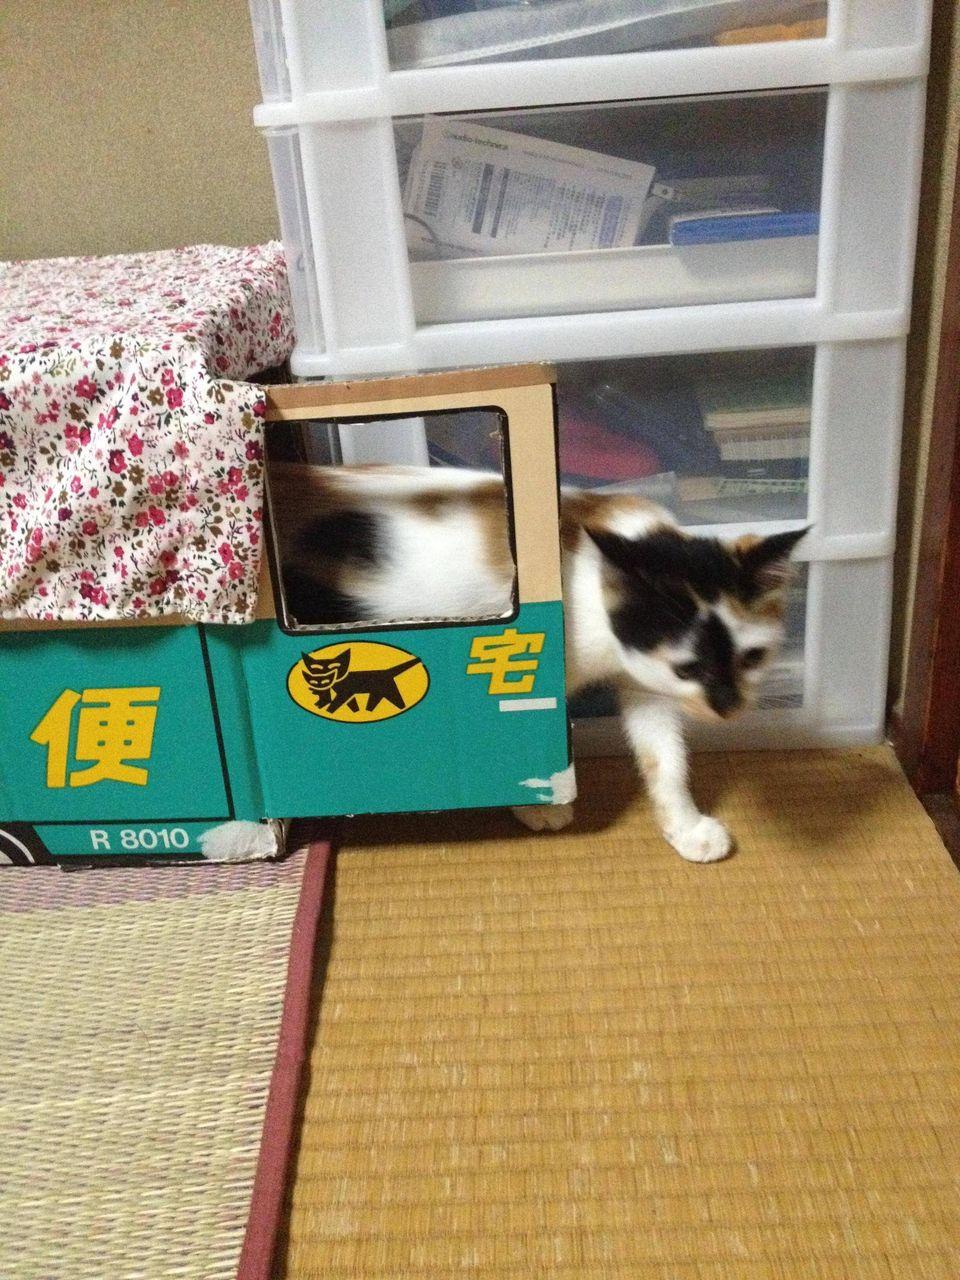 http://livedoor.blogimg.jp/akan2ch/imgs/2/5/25e69bdb.jpg